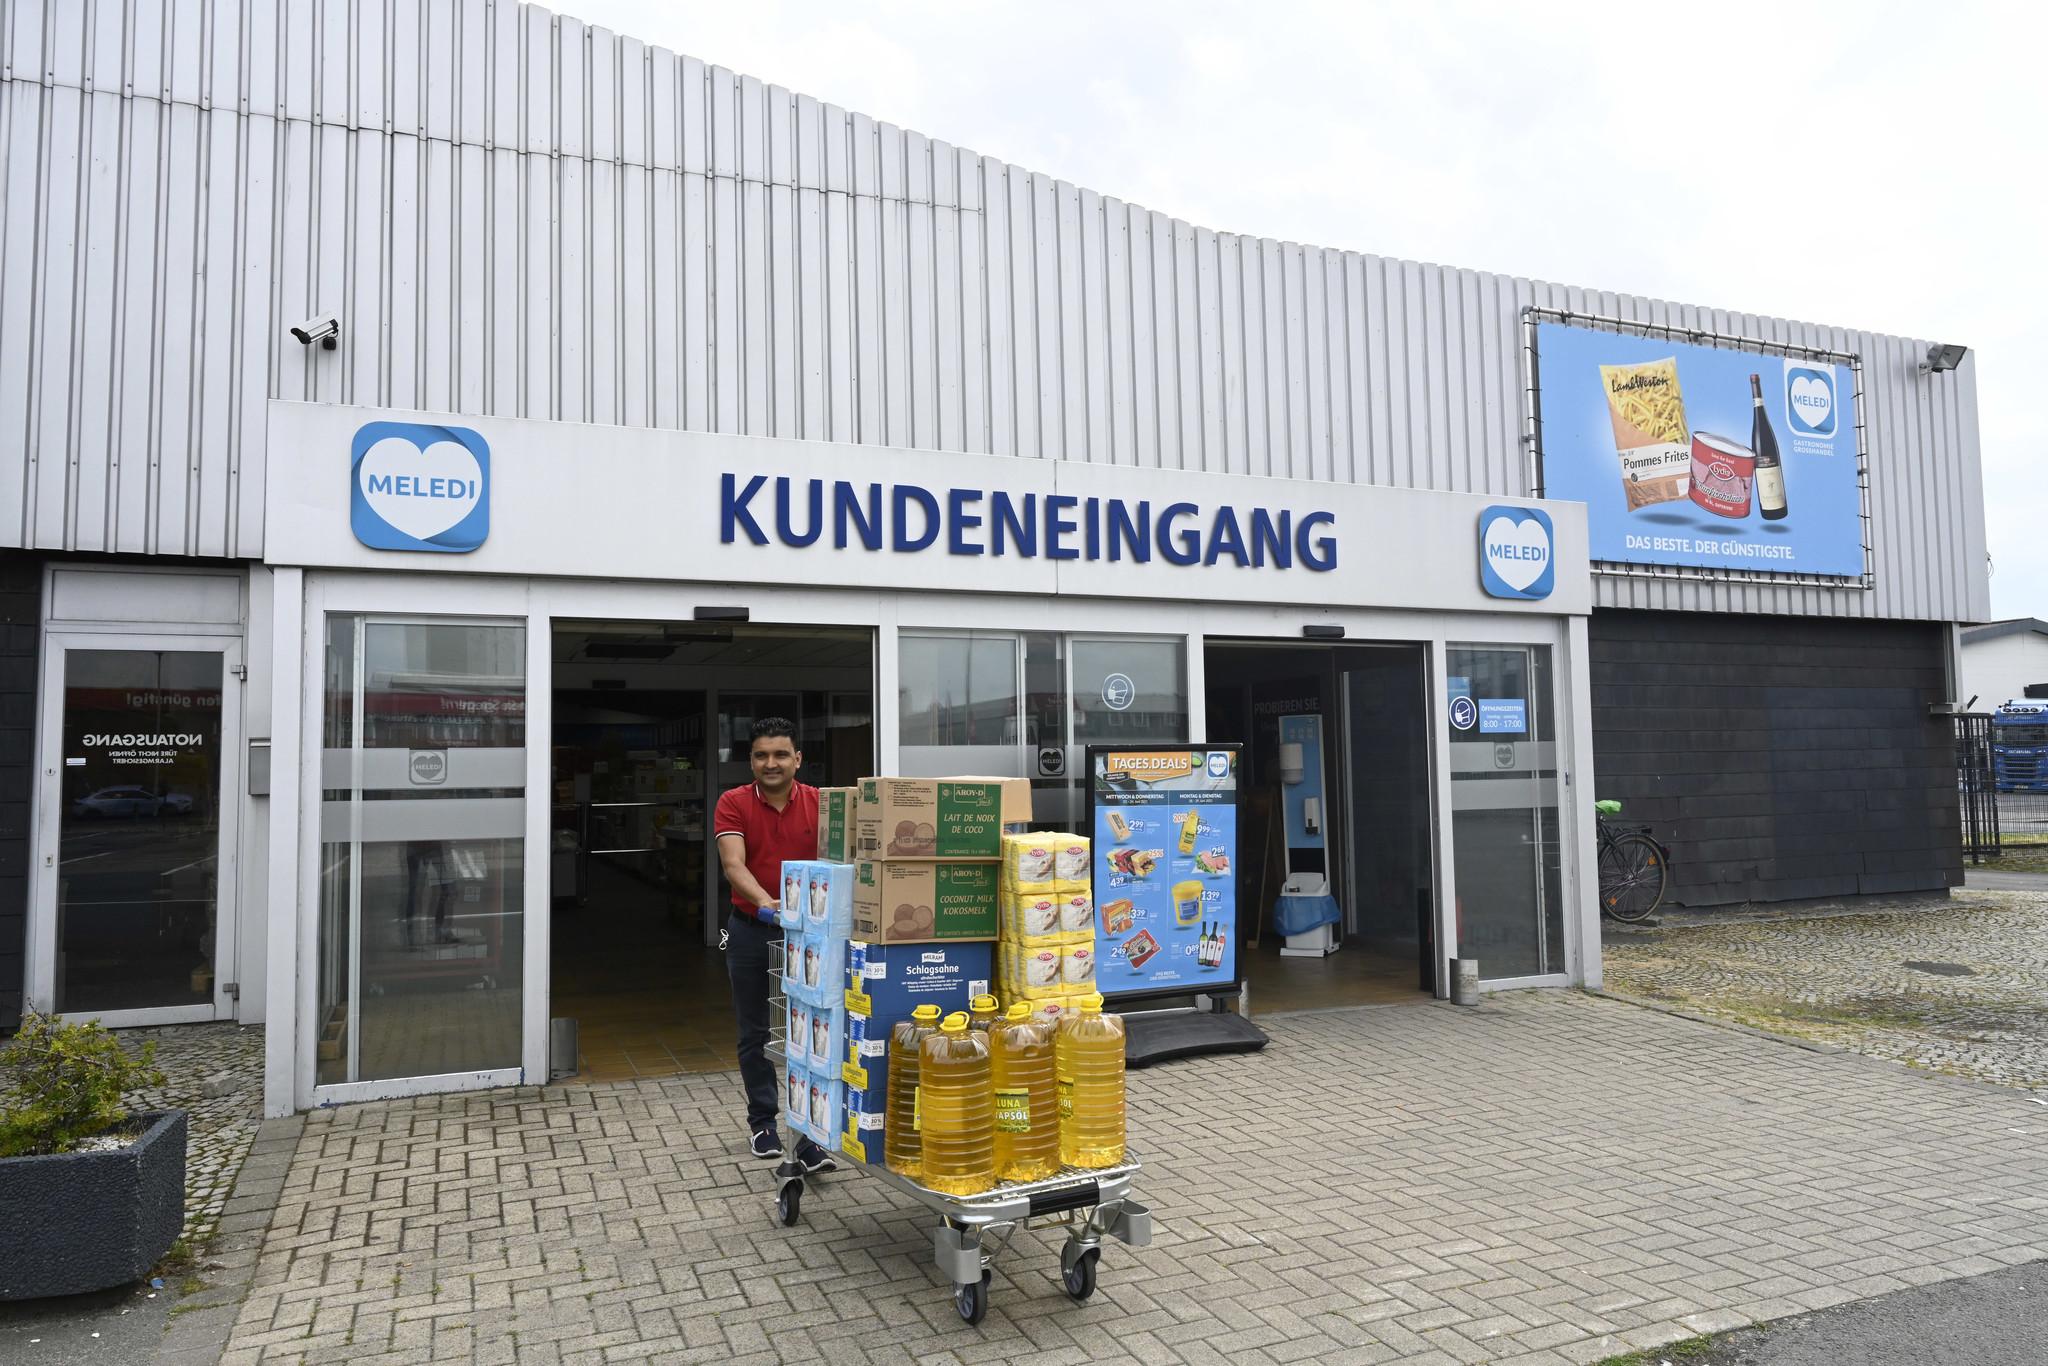 MELEDI Munster GmbH